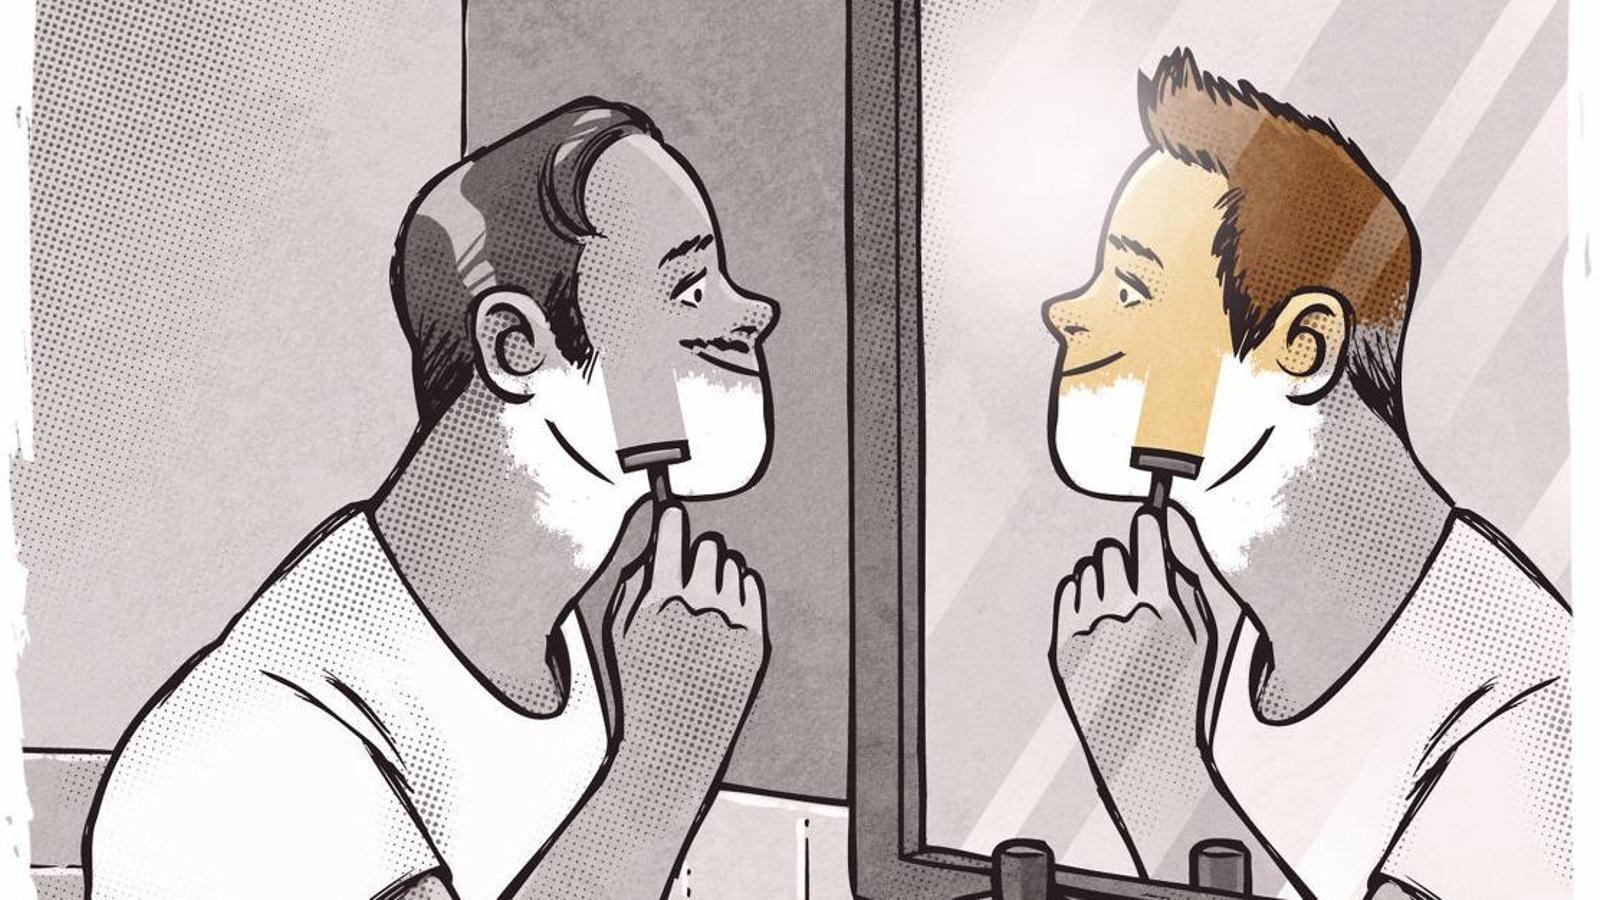 Masculinitats en qüestió: Què vol dir ser home?